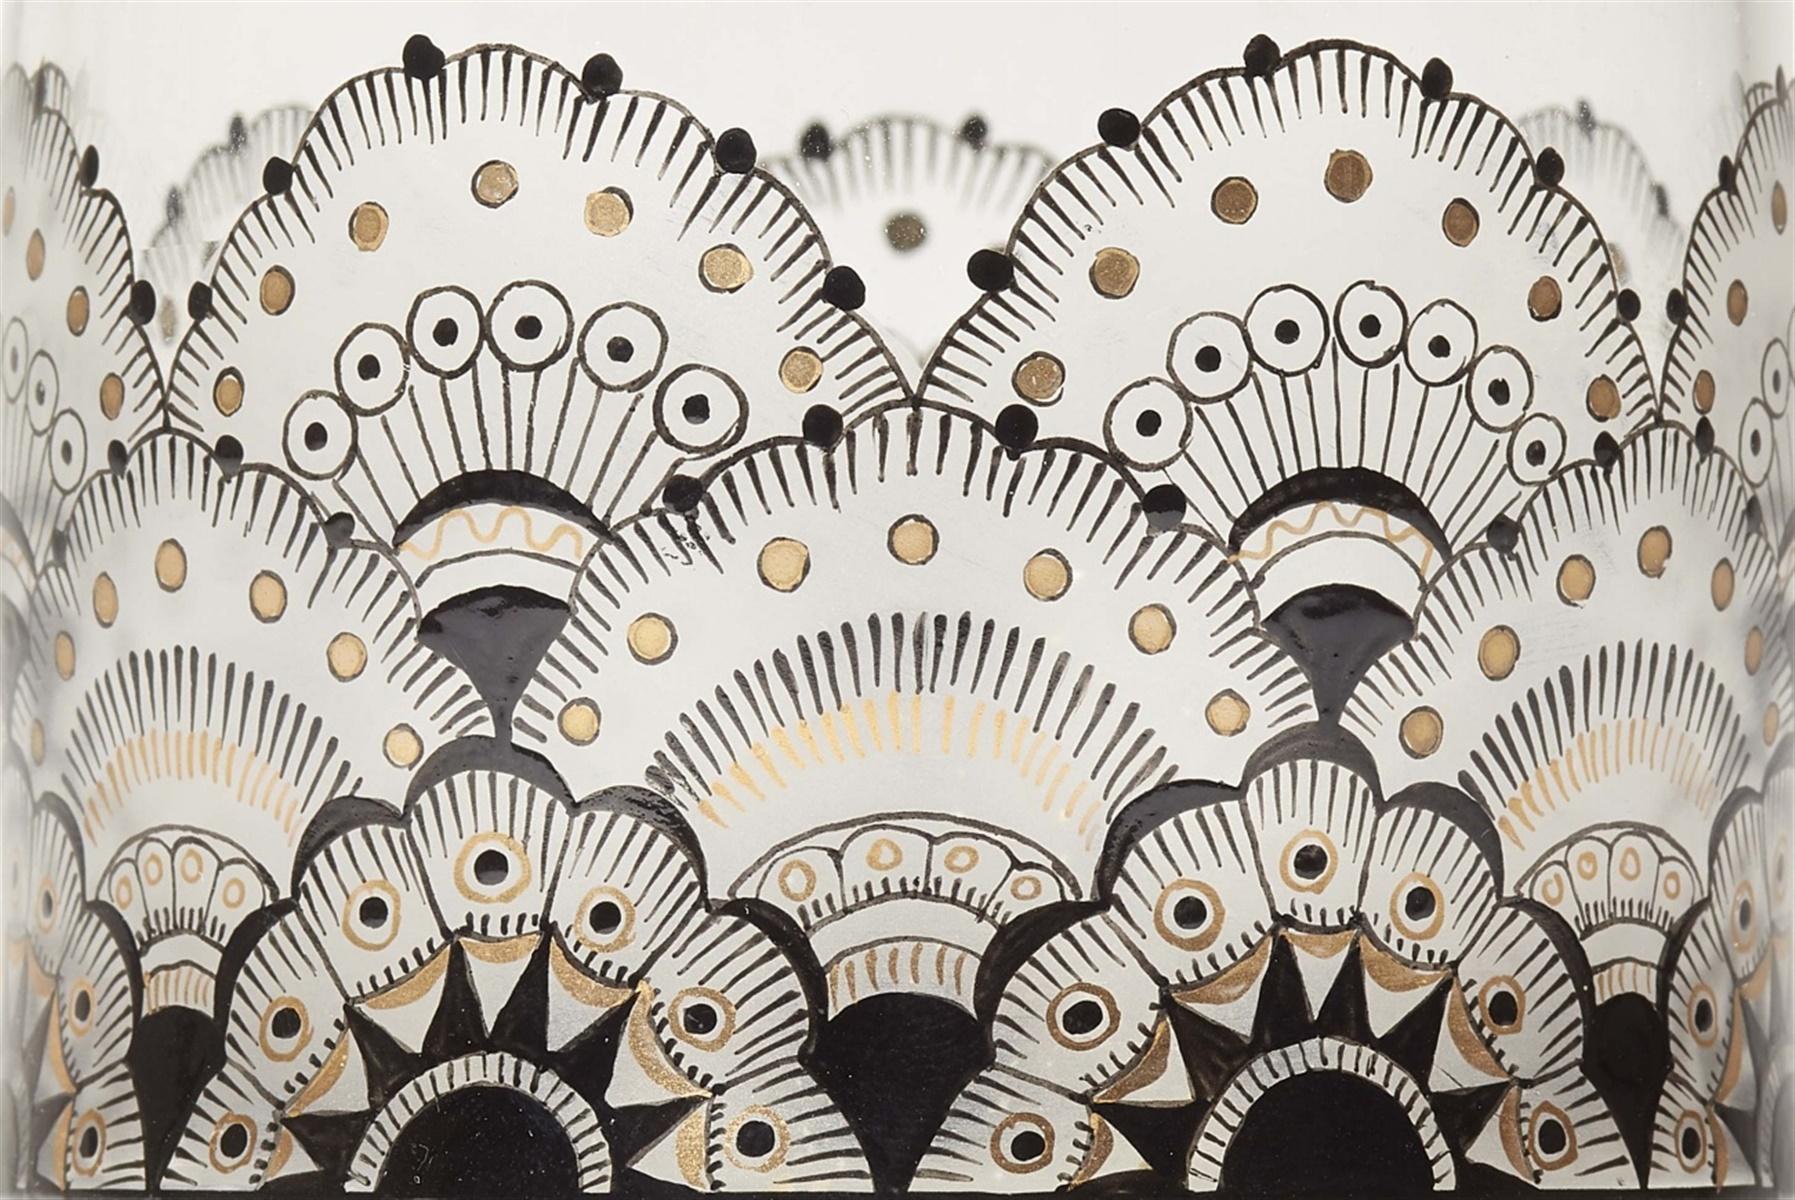 Böhmischer DeckelbecherFarbloses Glas mit Schwarzlot- und Goldbemalung über Mattätzung. H 14,5 cm - Bild 2 aus 2